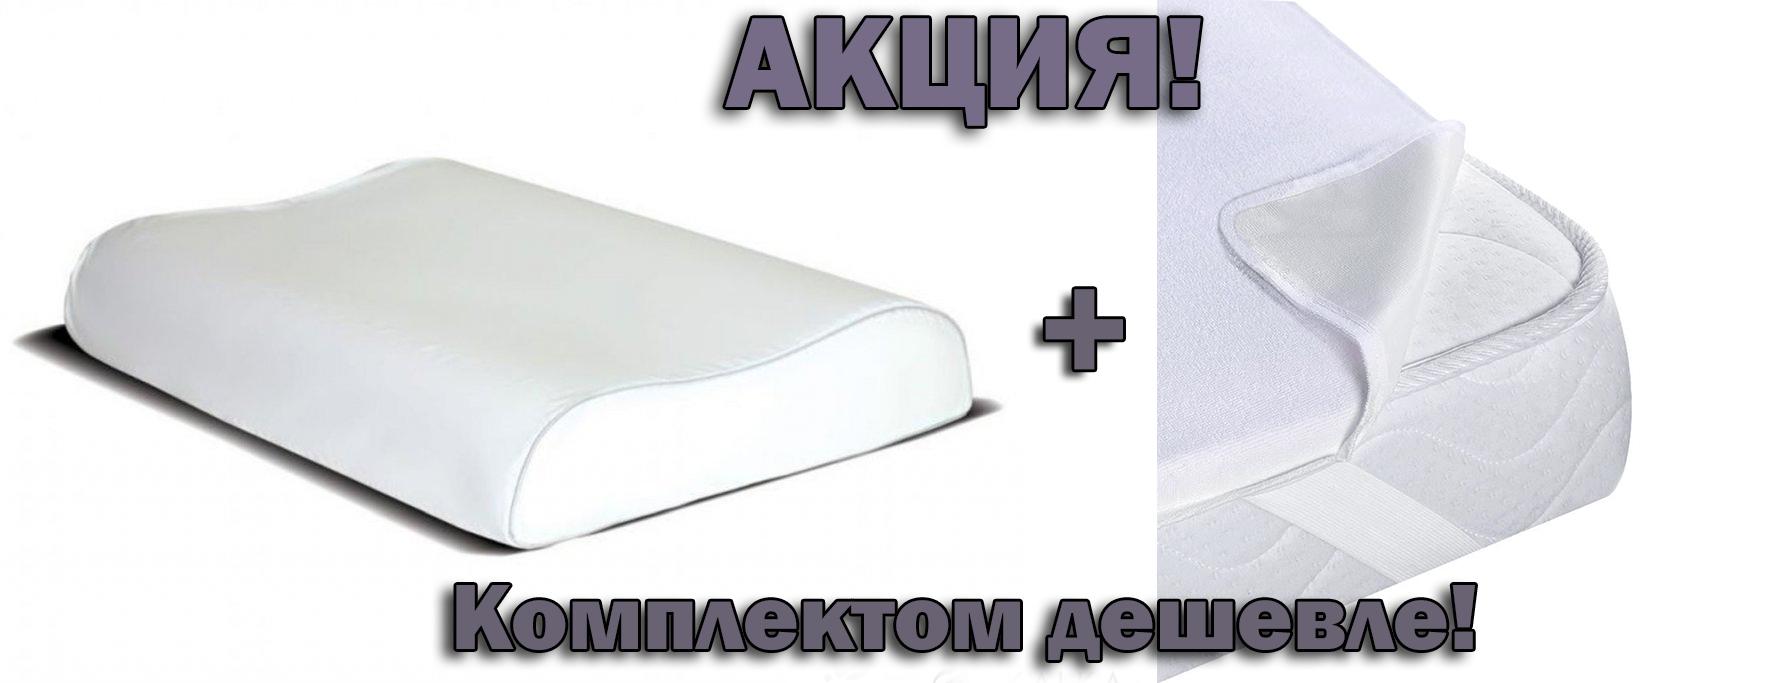 1 1024-768-57487-podushka-ortopedicheskaya-penelope-60kh40kh10-8-sm-meditherm-1400166